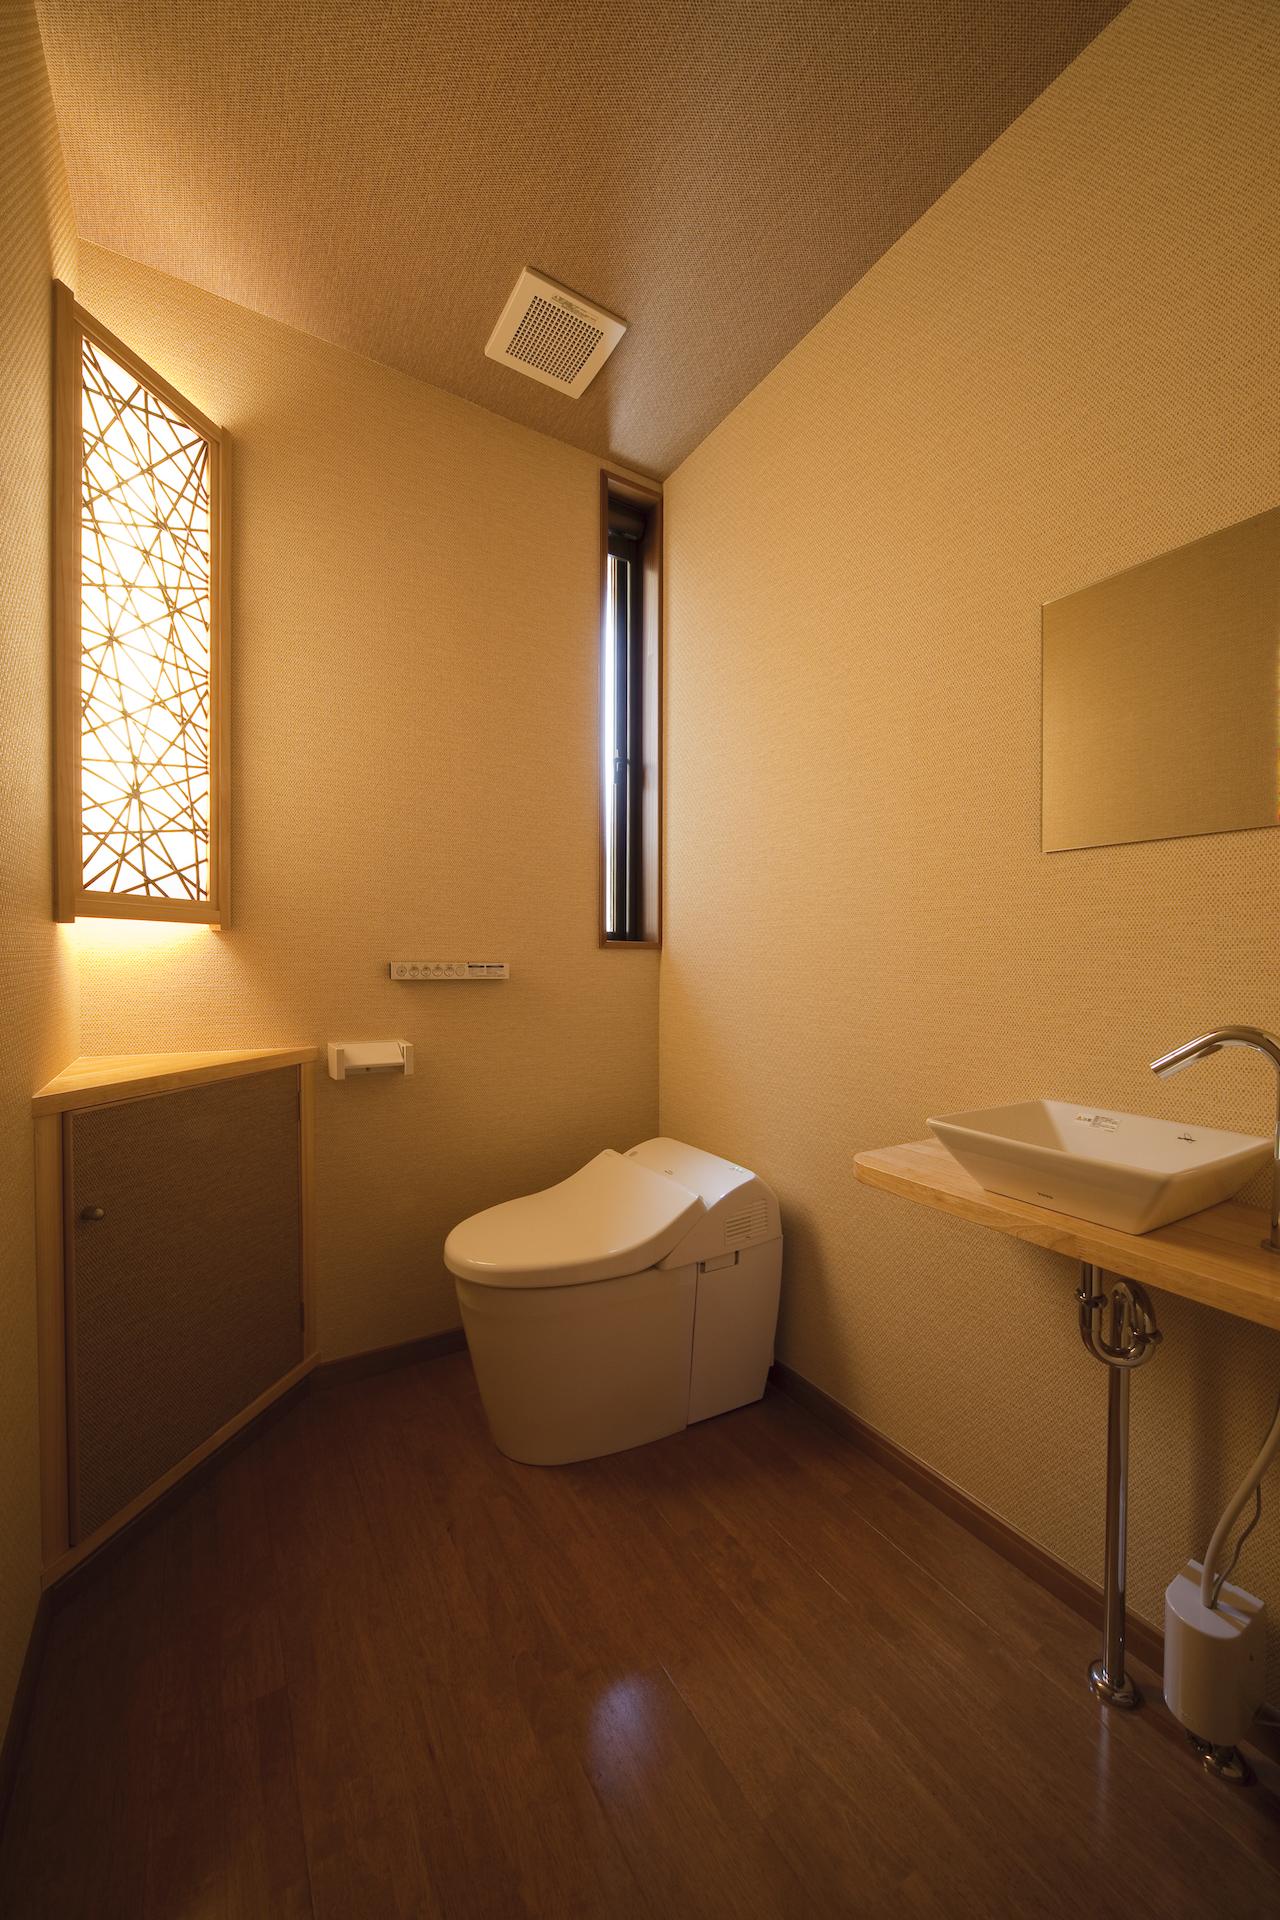 匠集団 槌音(つちおと)【デザイン住宅、和風、二世帯住宅】トイレには竹と和紙からなるパネルを用いた間接照明を設置。柔らかな光で照らされる